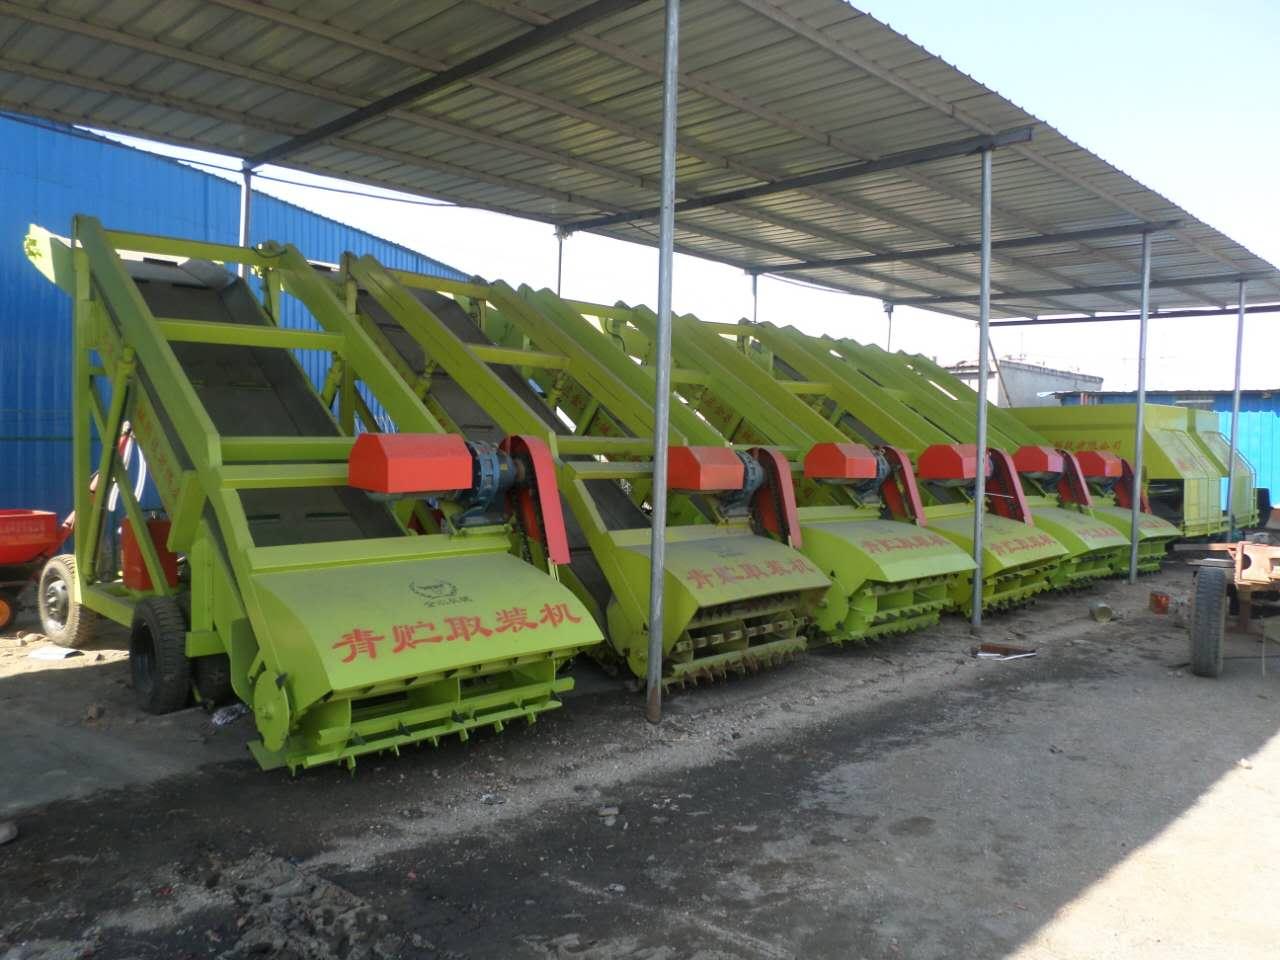 石家庄金农机械厂家直销自走式青贮取料机,青贮刨草机